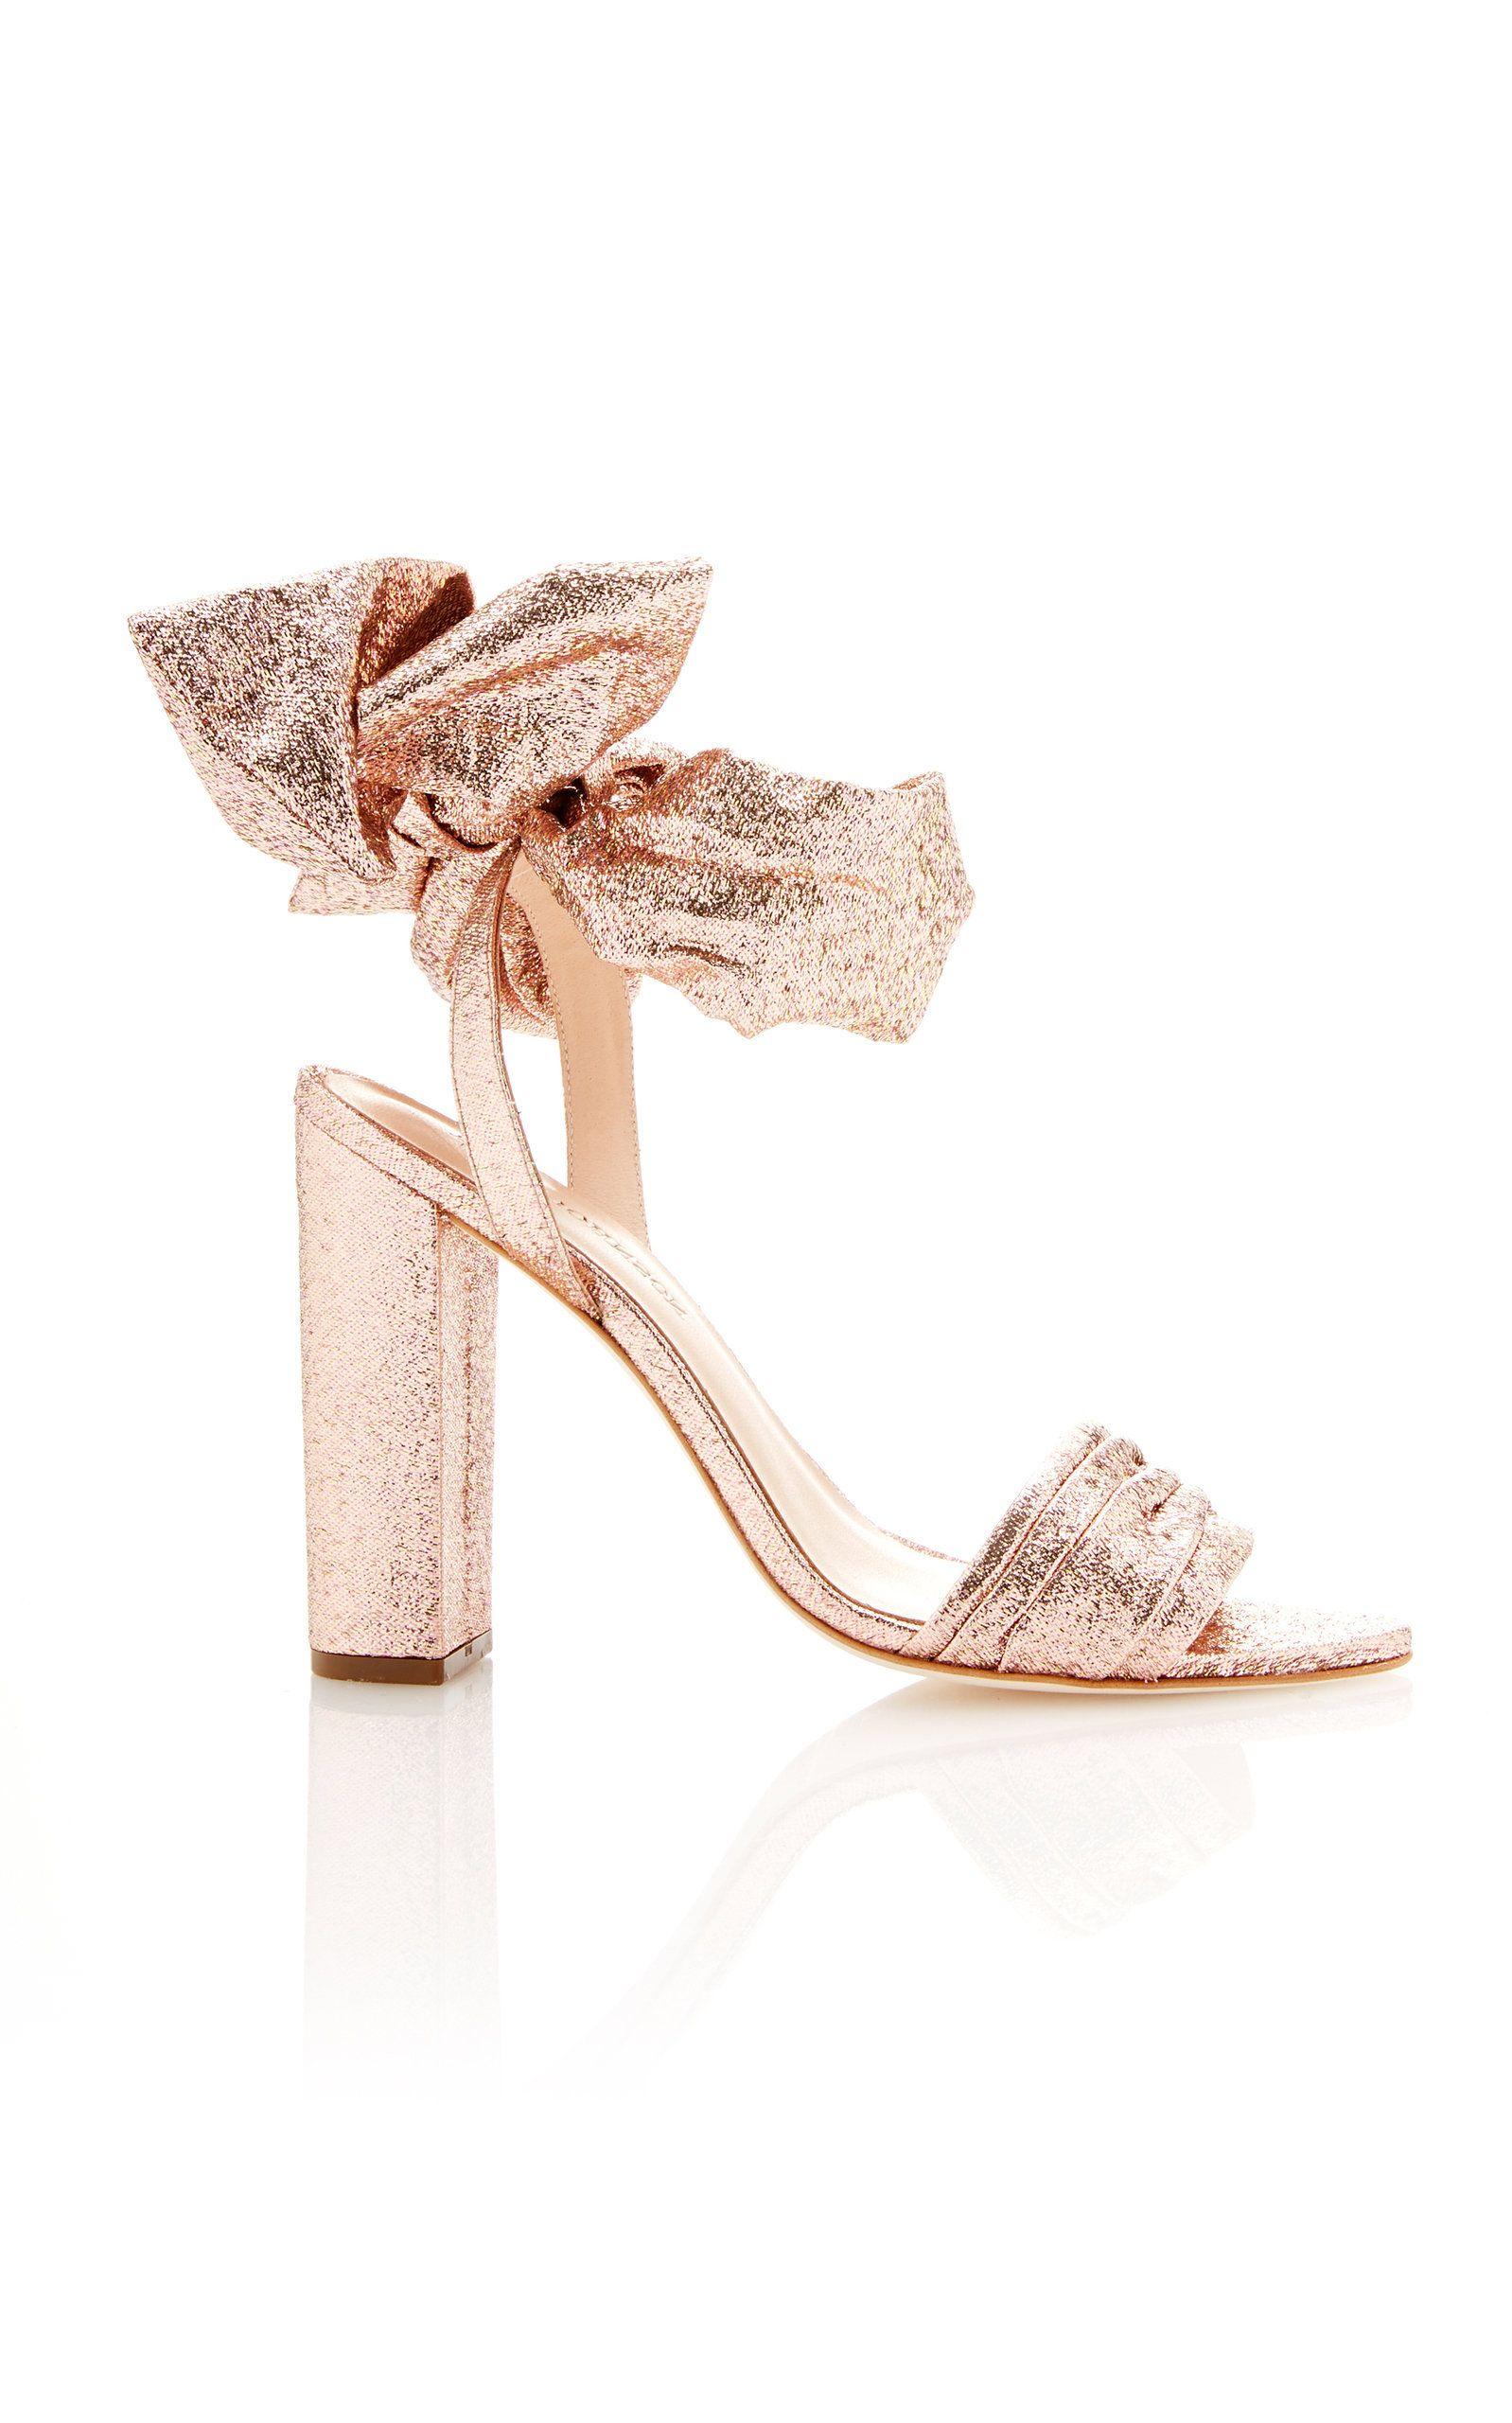 477618da952184 pretty in pink + shiny